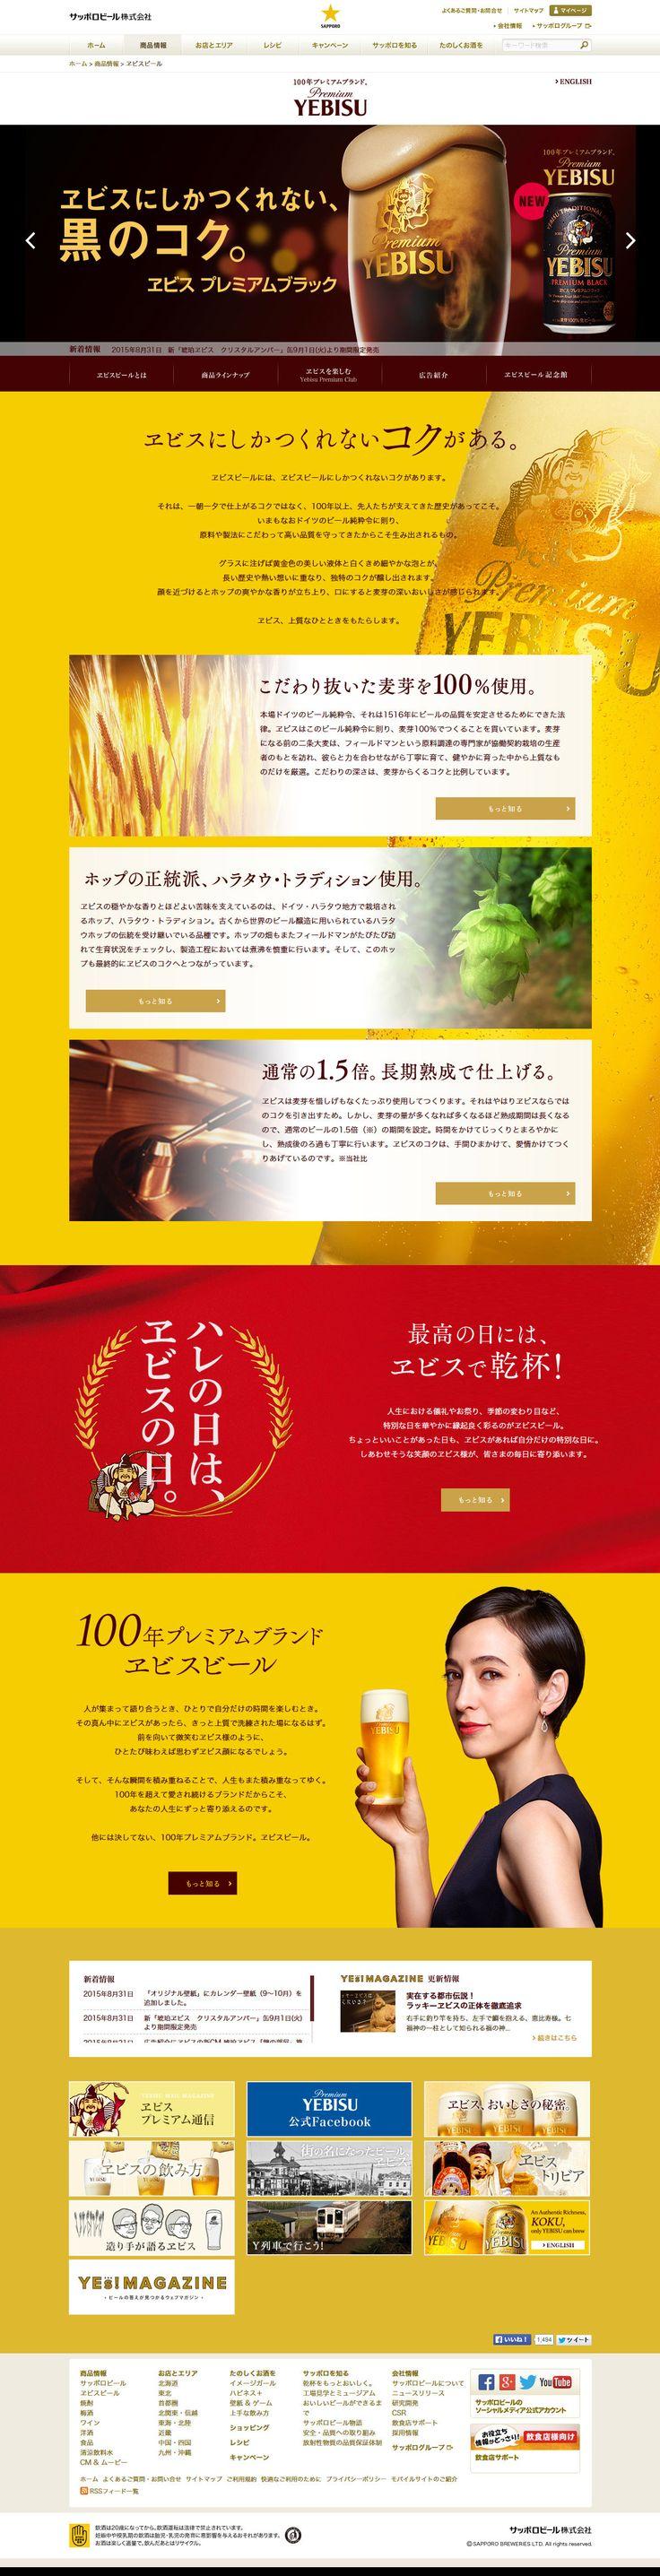 100年プレミアム エビスビール【飲料・お酒関連】のLPデザイン。WEBデザイナーさん必見!ランディングページのデザイン参考に(かっこいい系)